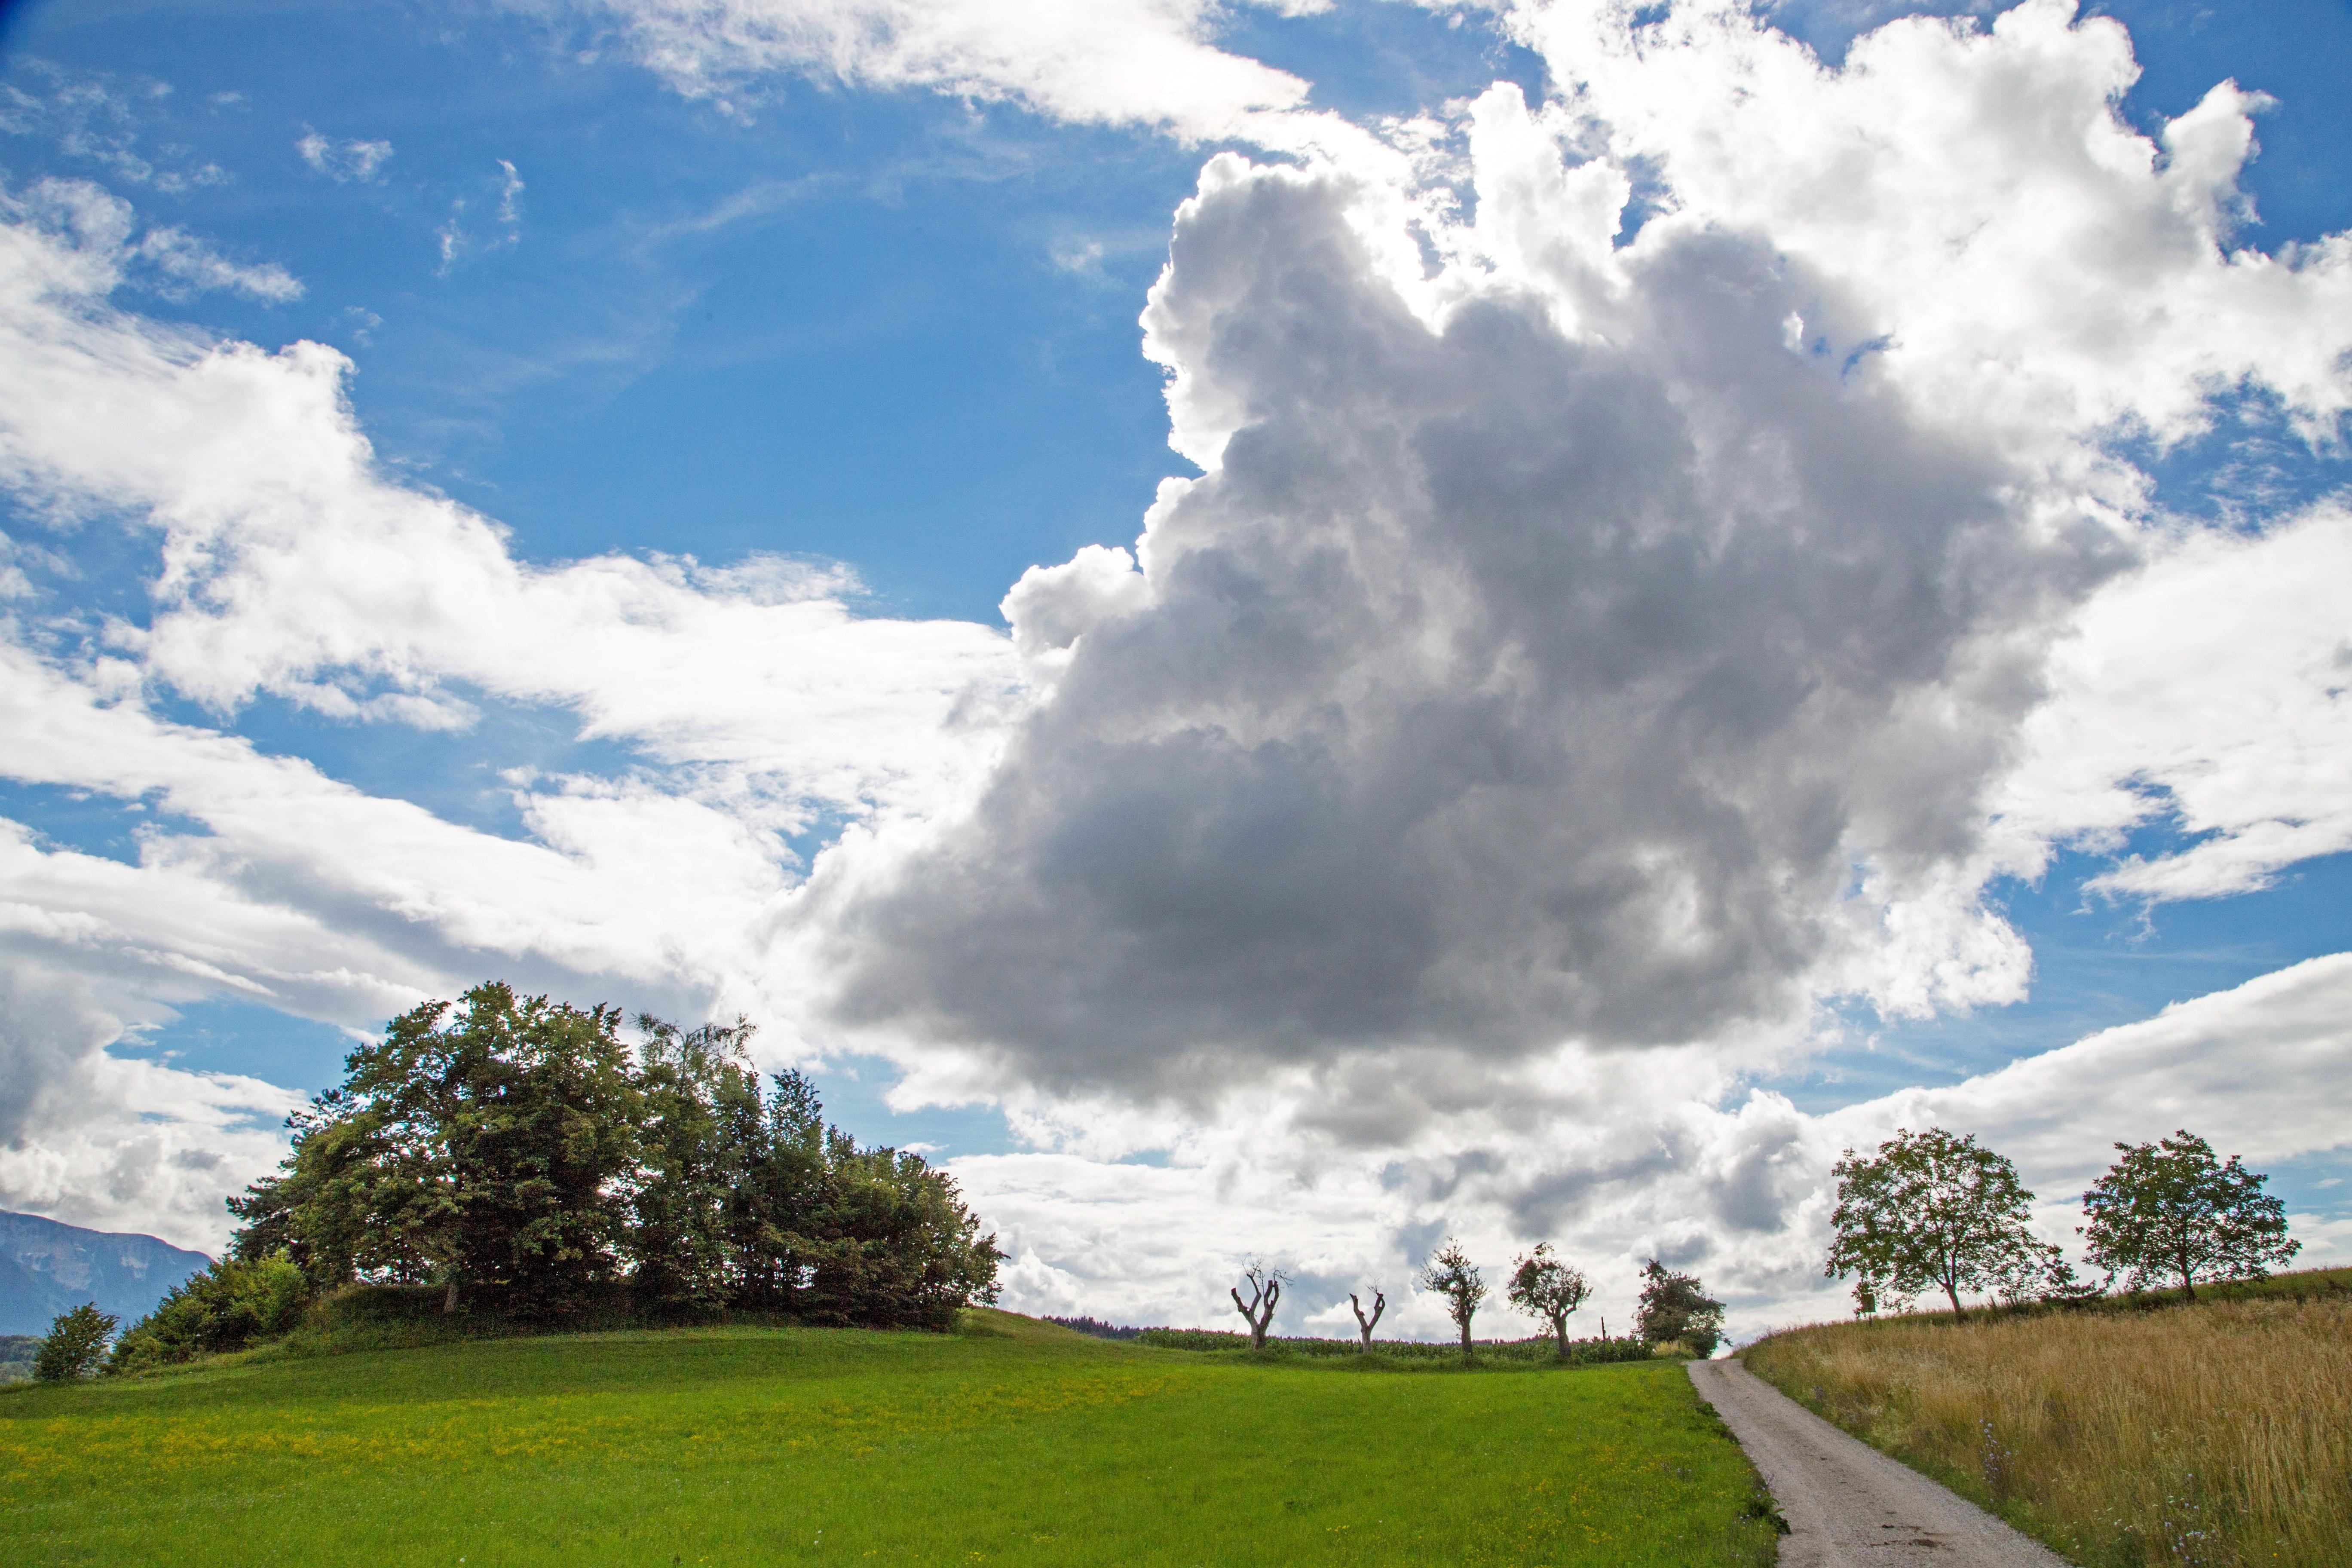 модели красивые картинки неба и земли осмотре уха применяют